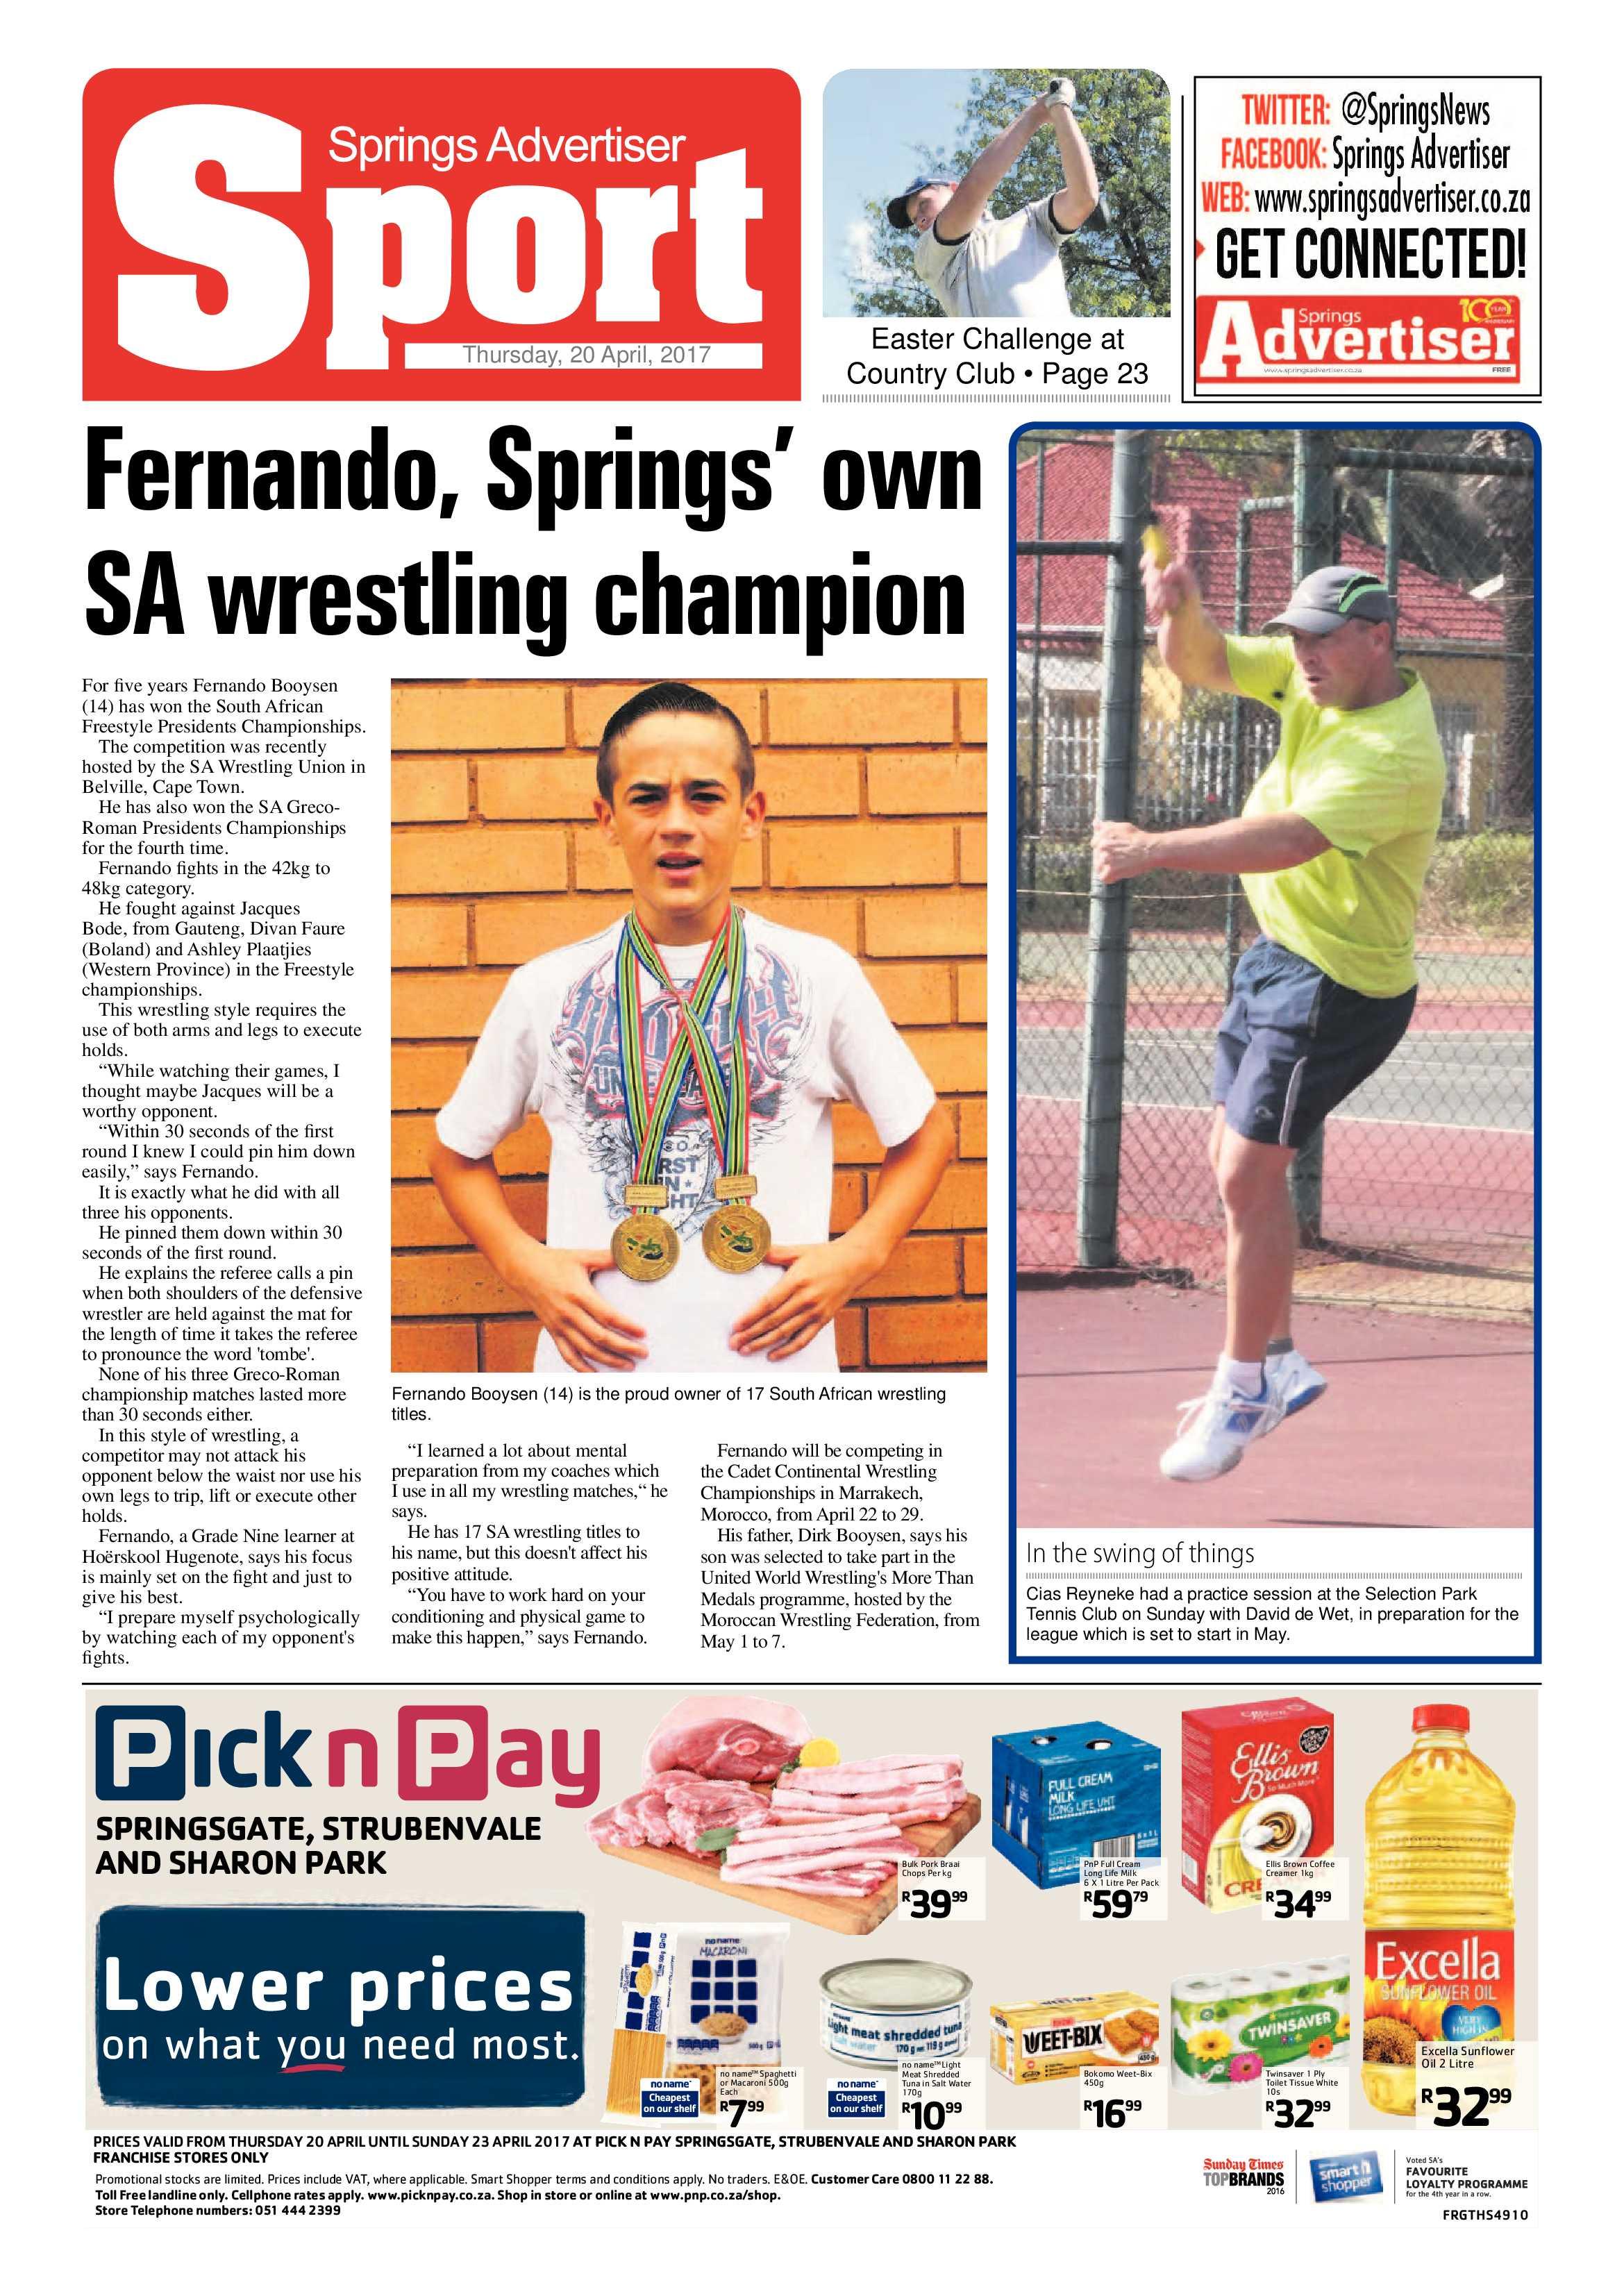 springs-advertiser-2-april-2017-epapers-page-24